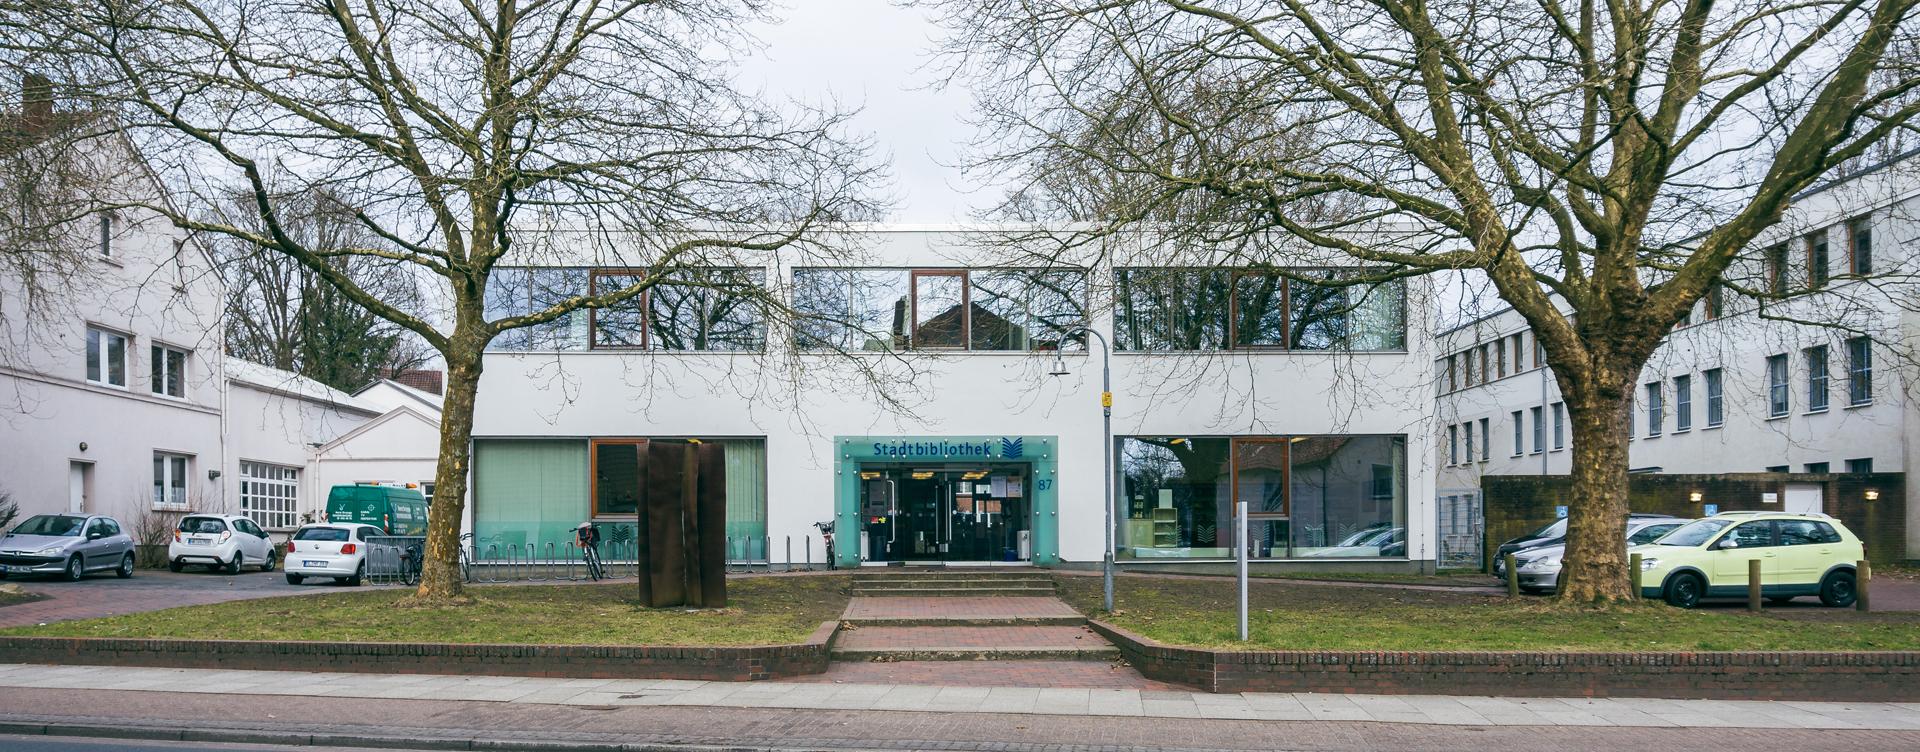 Stadtbibliothek - vegesack.de